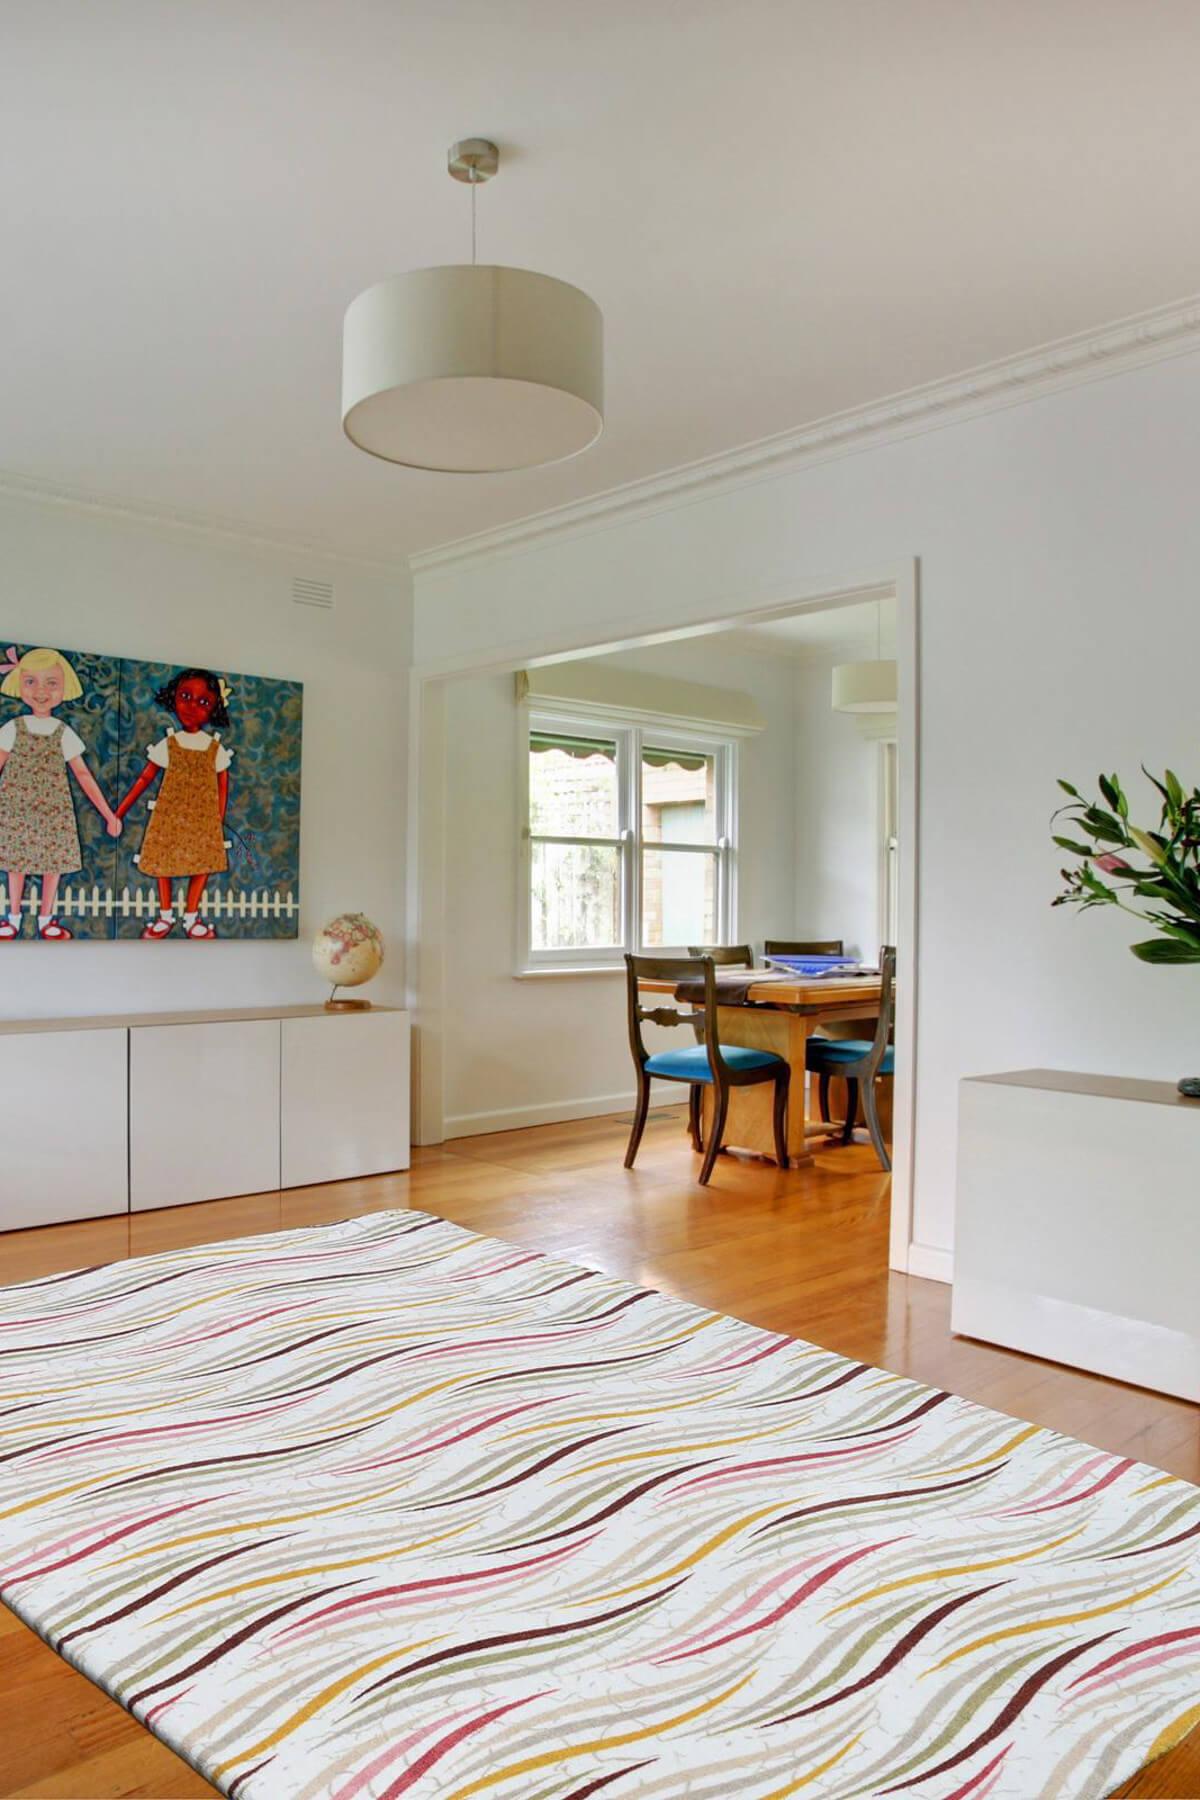 ديكور المنزل غطاء للسجاد السجاد النسيج السجاد غطاء قوس قزح